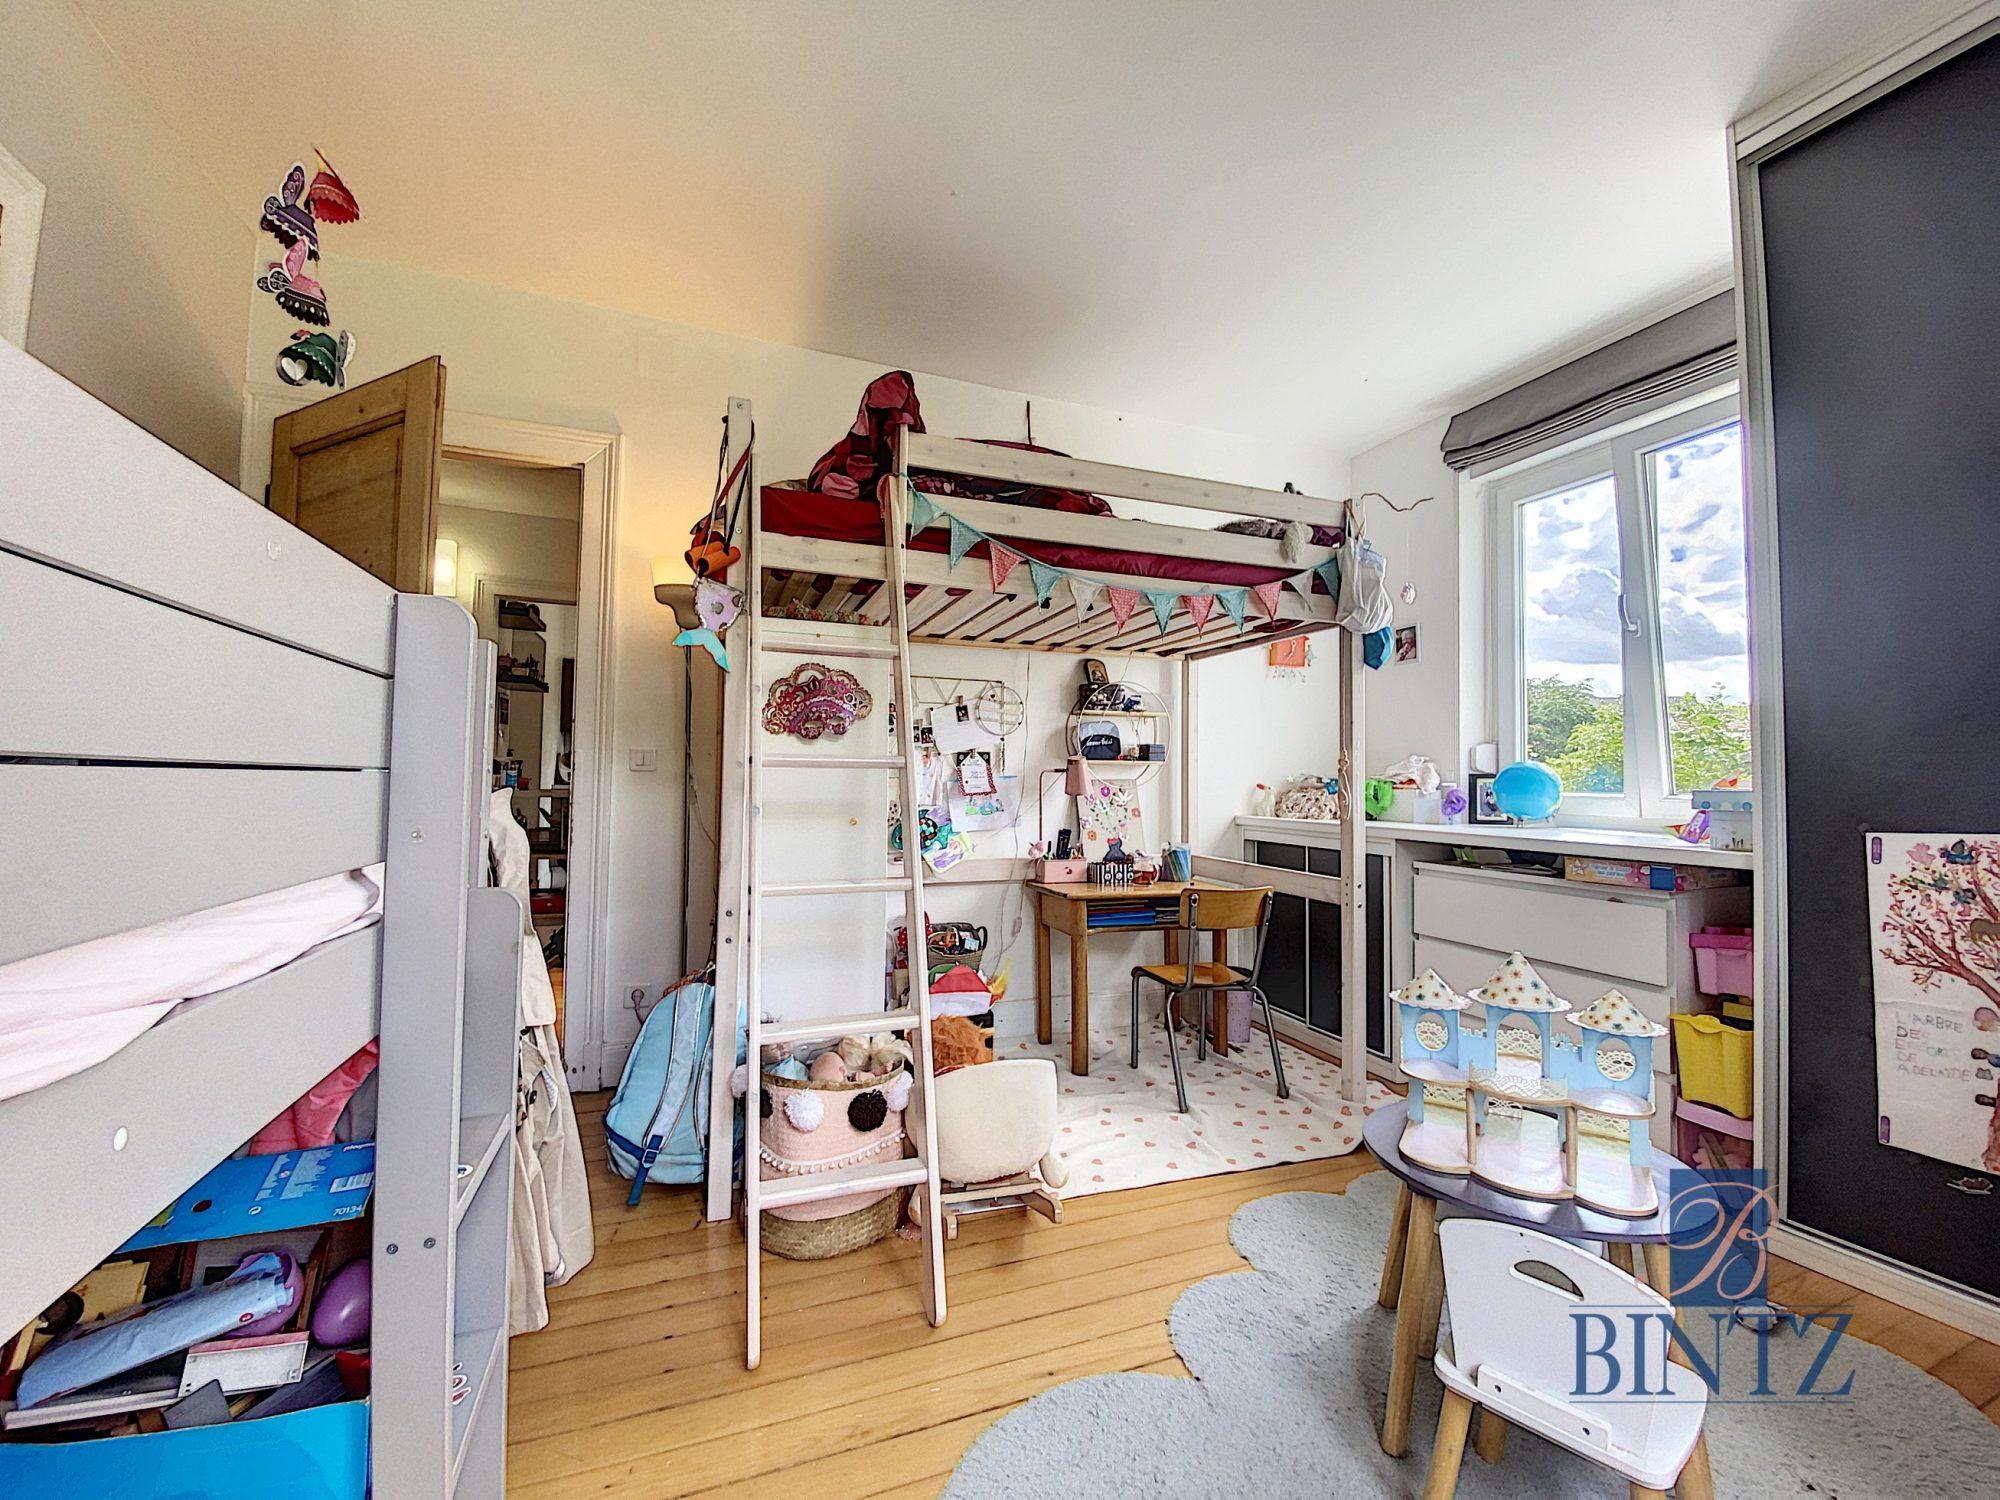 3 pièces avec terrasse à la Robertsau - Devenez propriétaire en toute confiance - Bintz Immobilier - 14